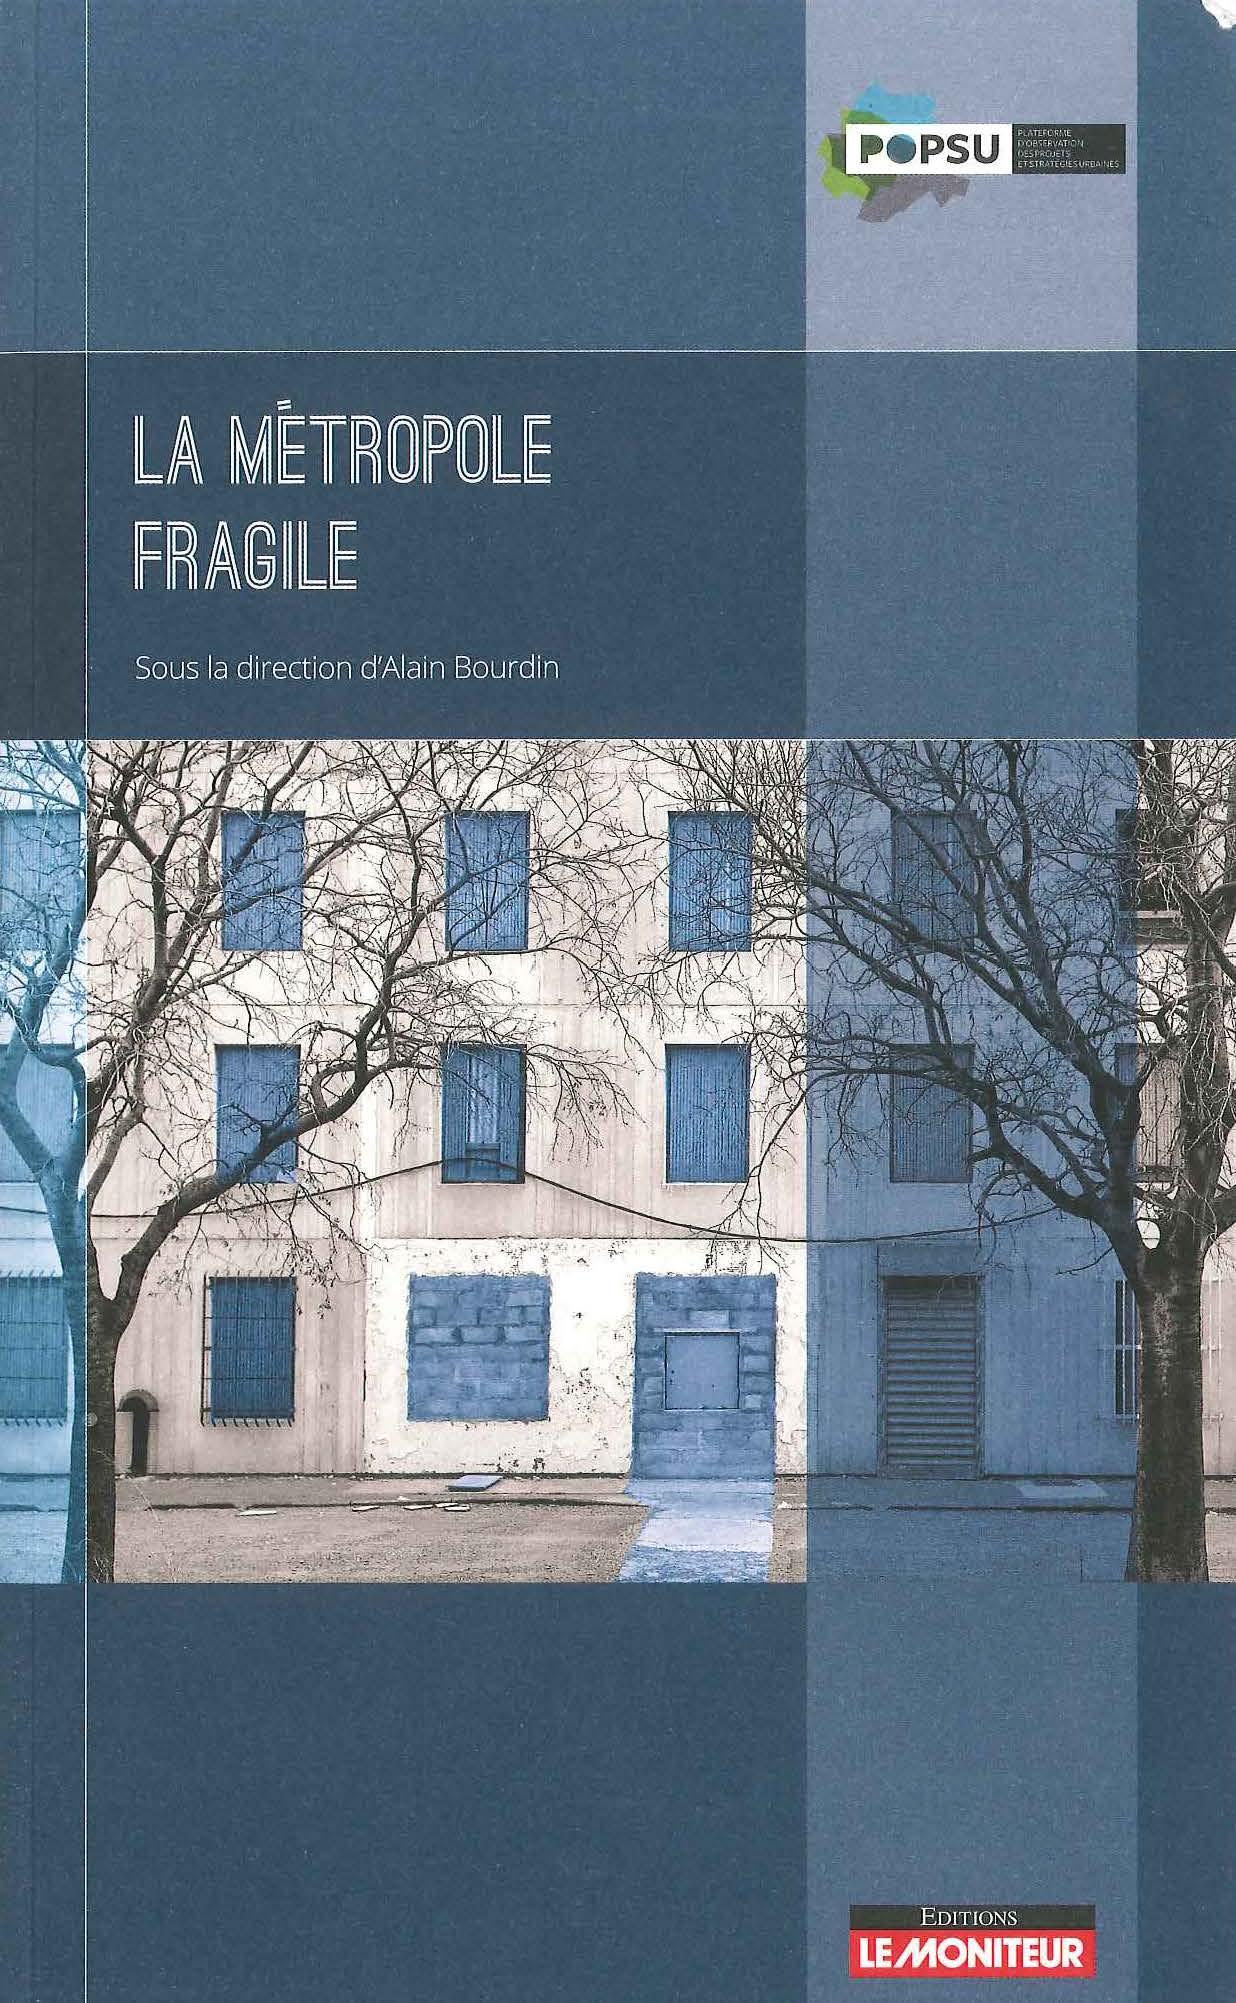 La métropole fragile